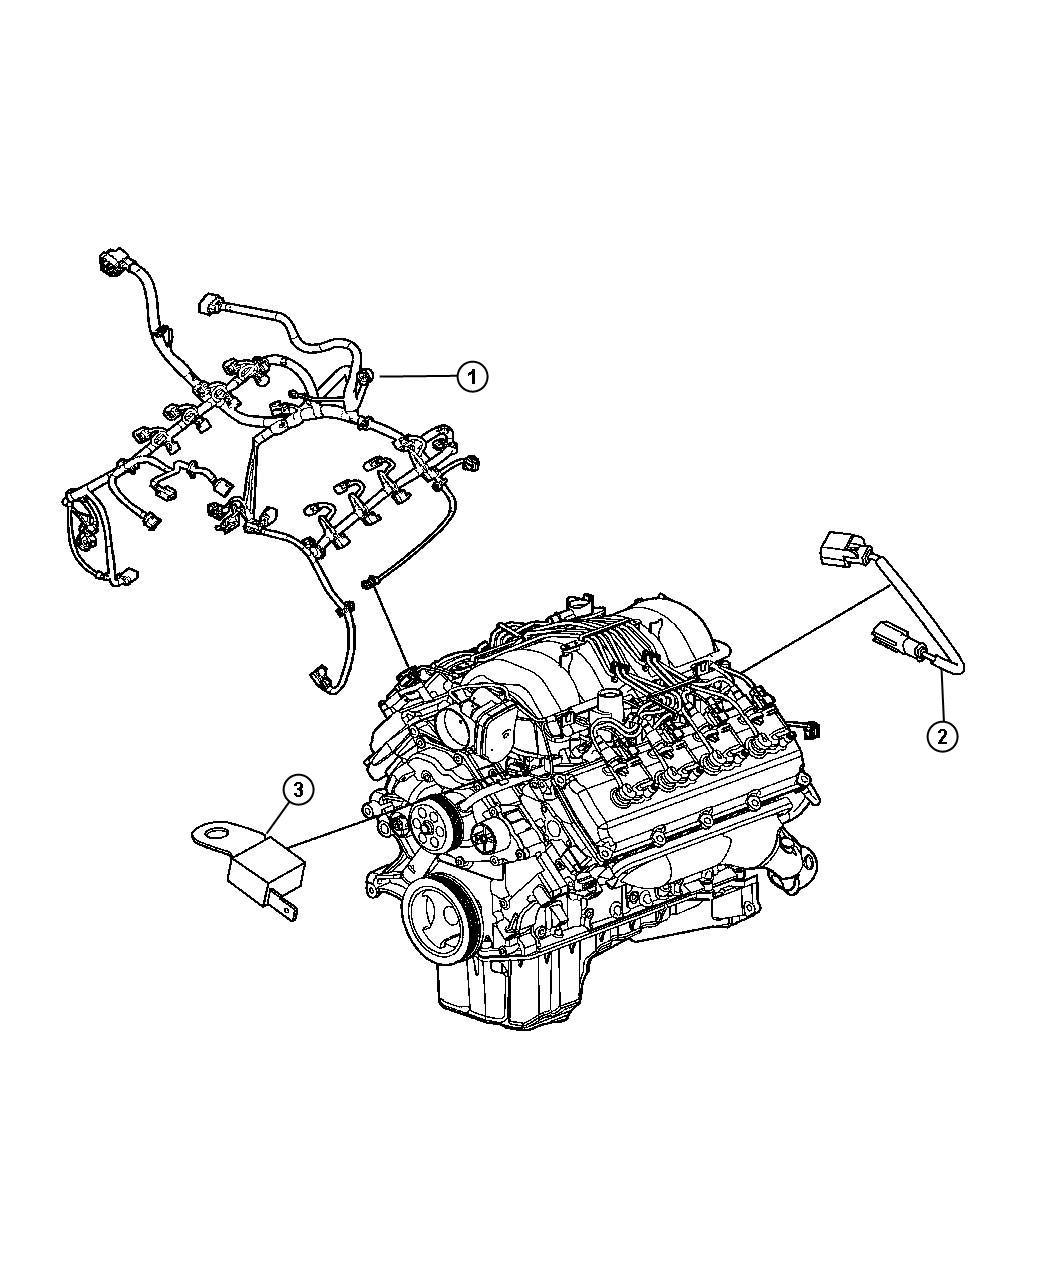 Dodge Challenger Wiring. Jumper. Ground. Electrical, dash